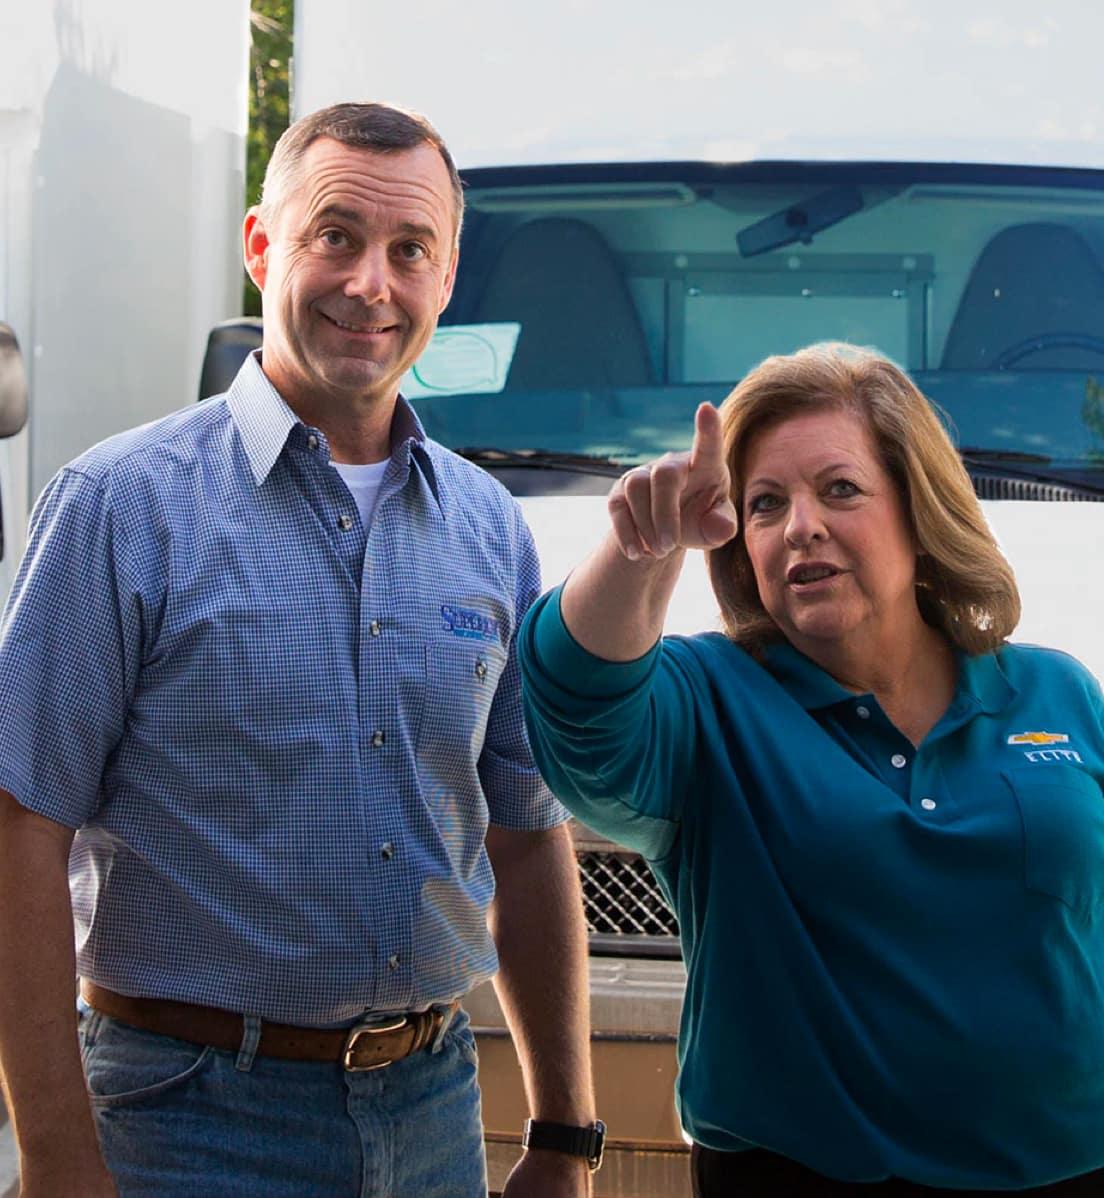 Man and woman at car dealership